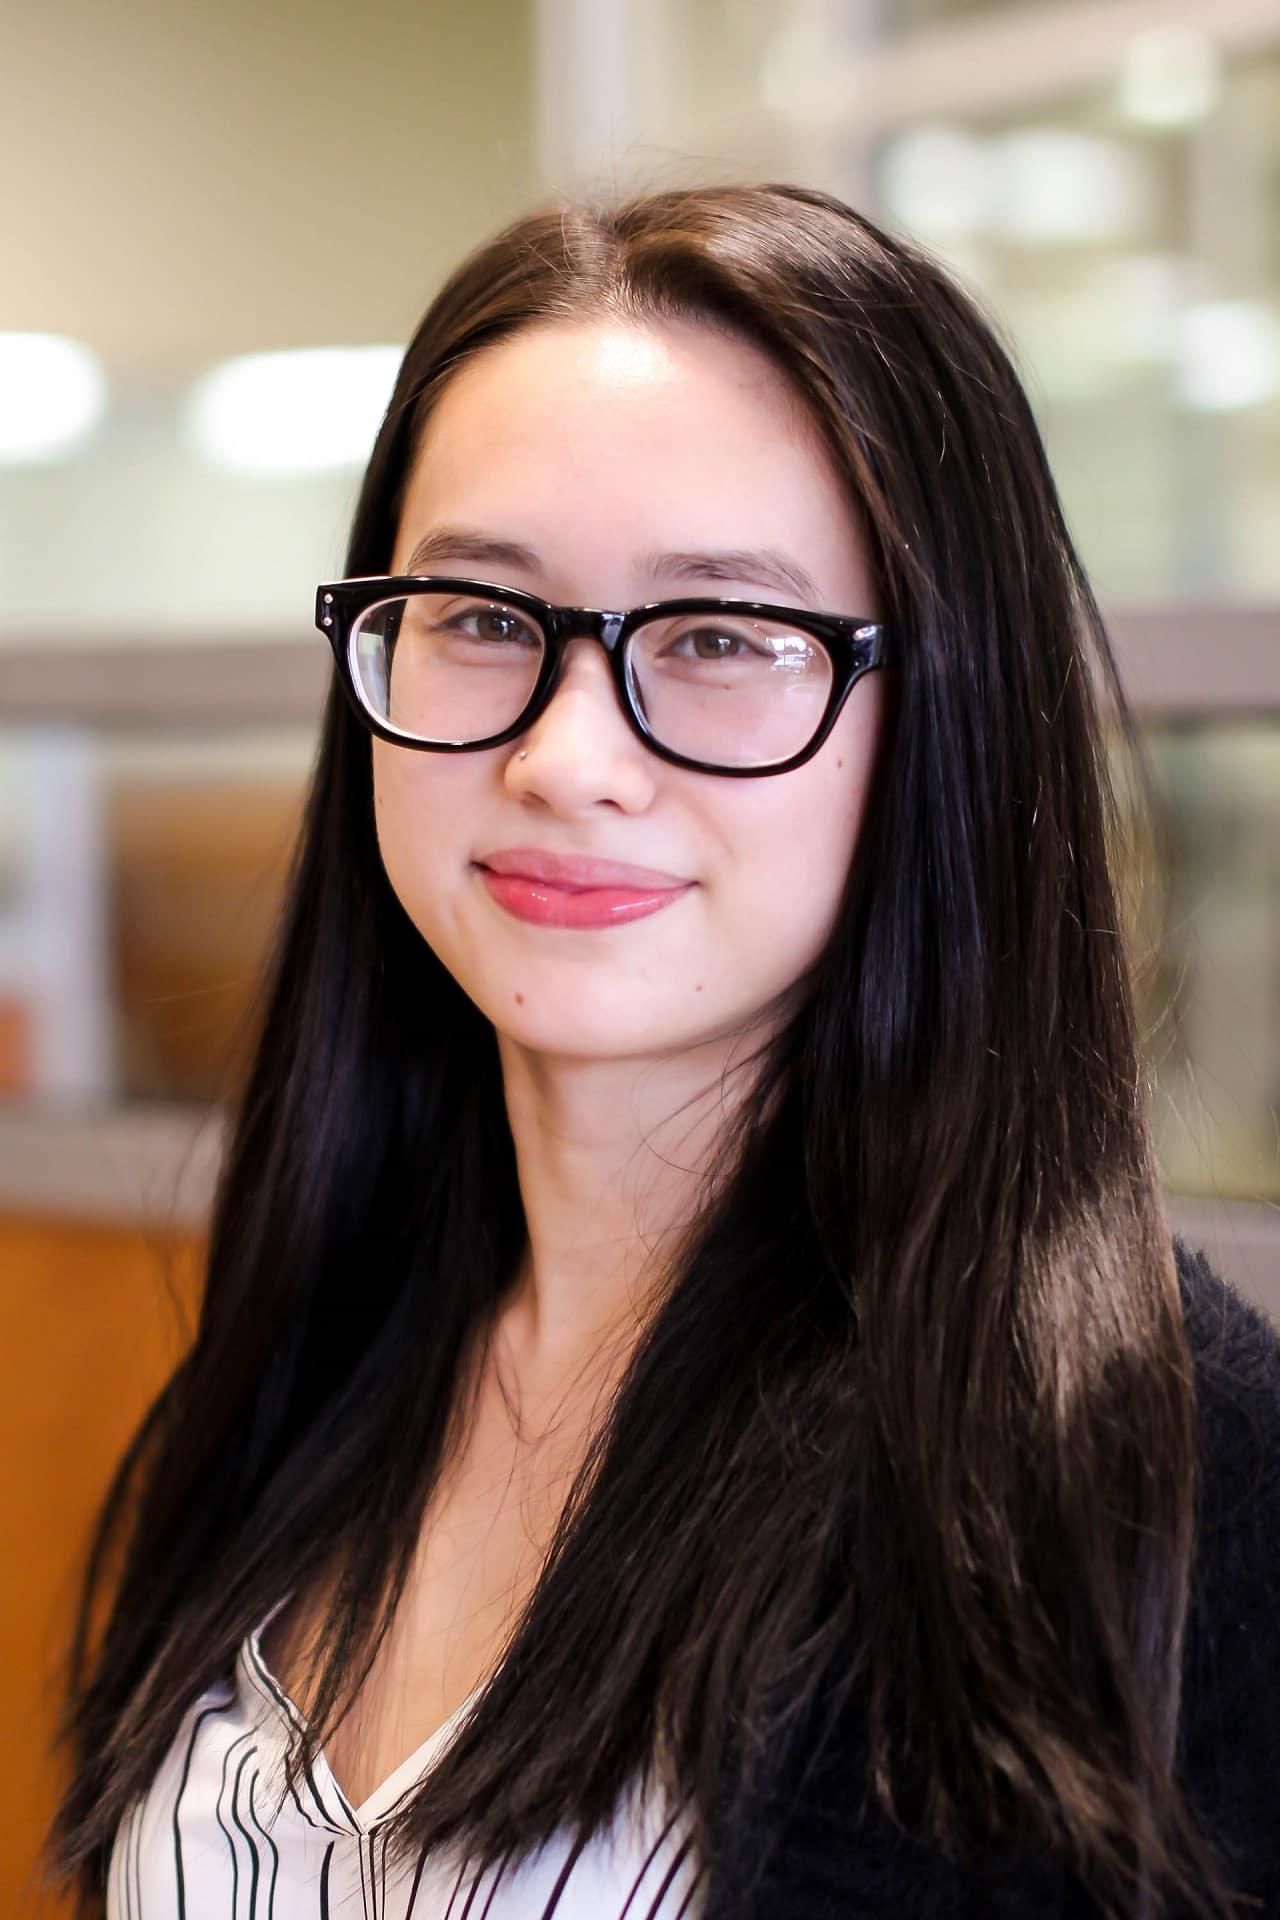 Katarina Nguyen